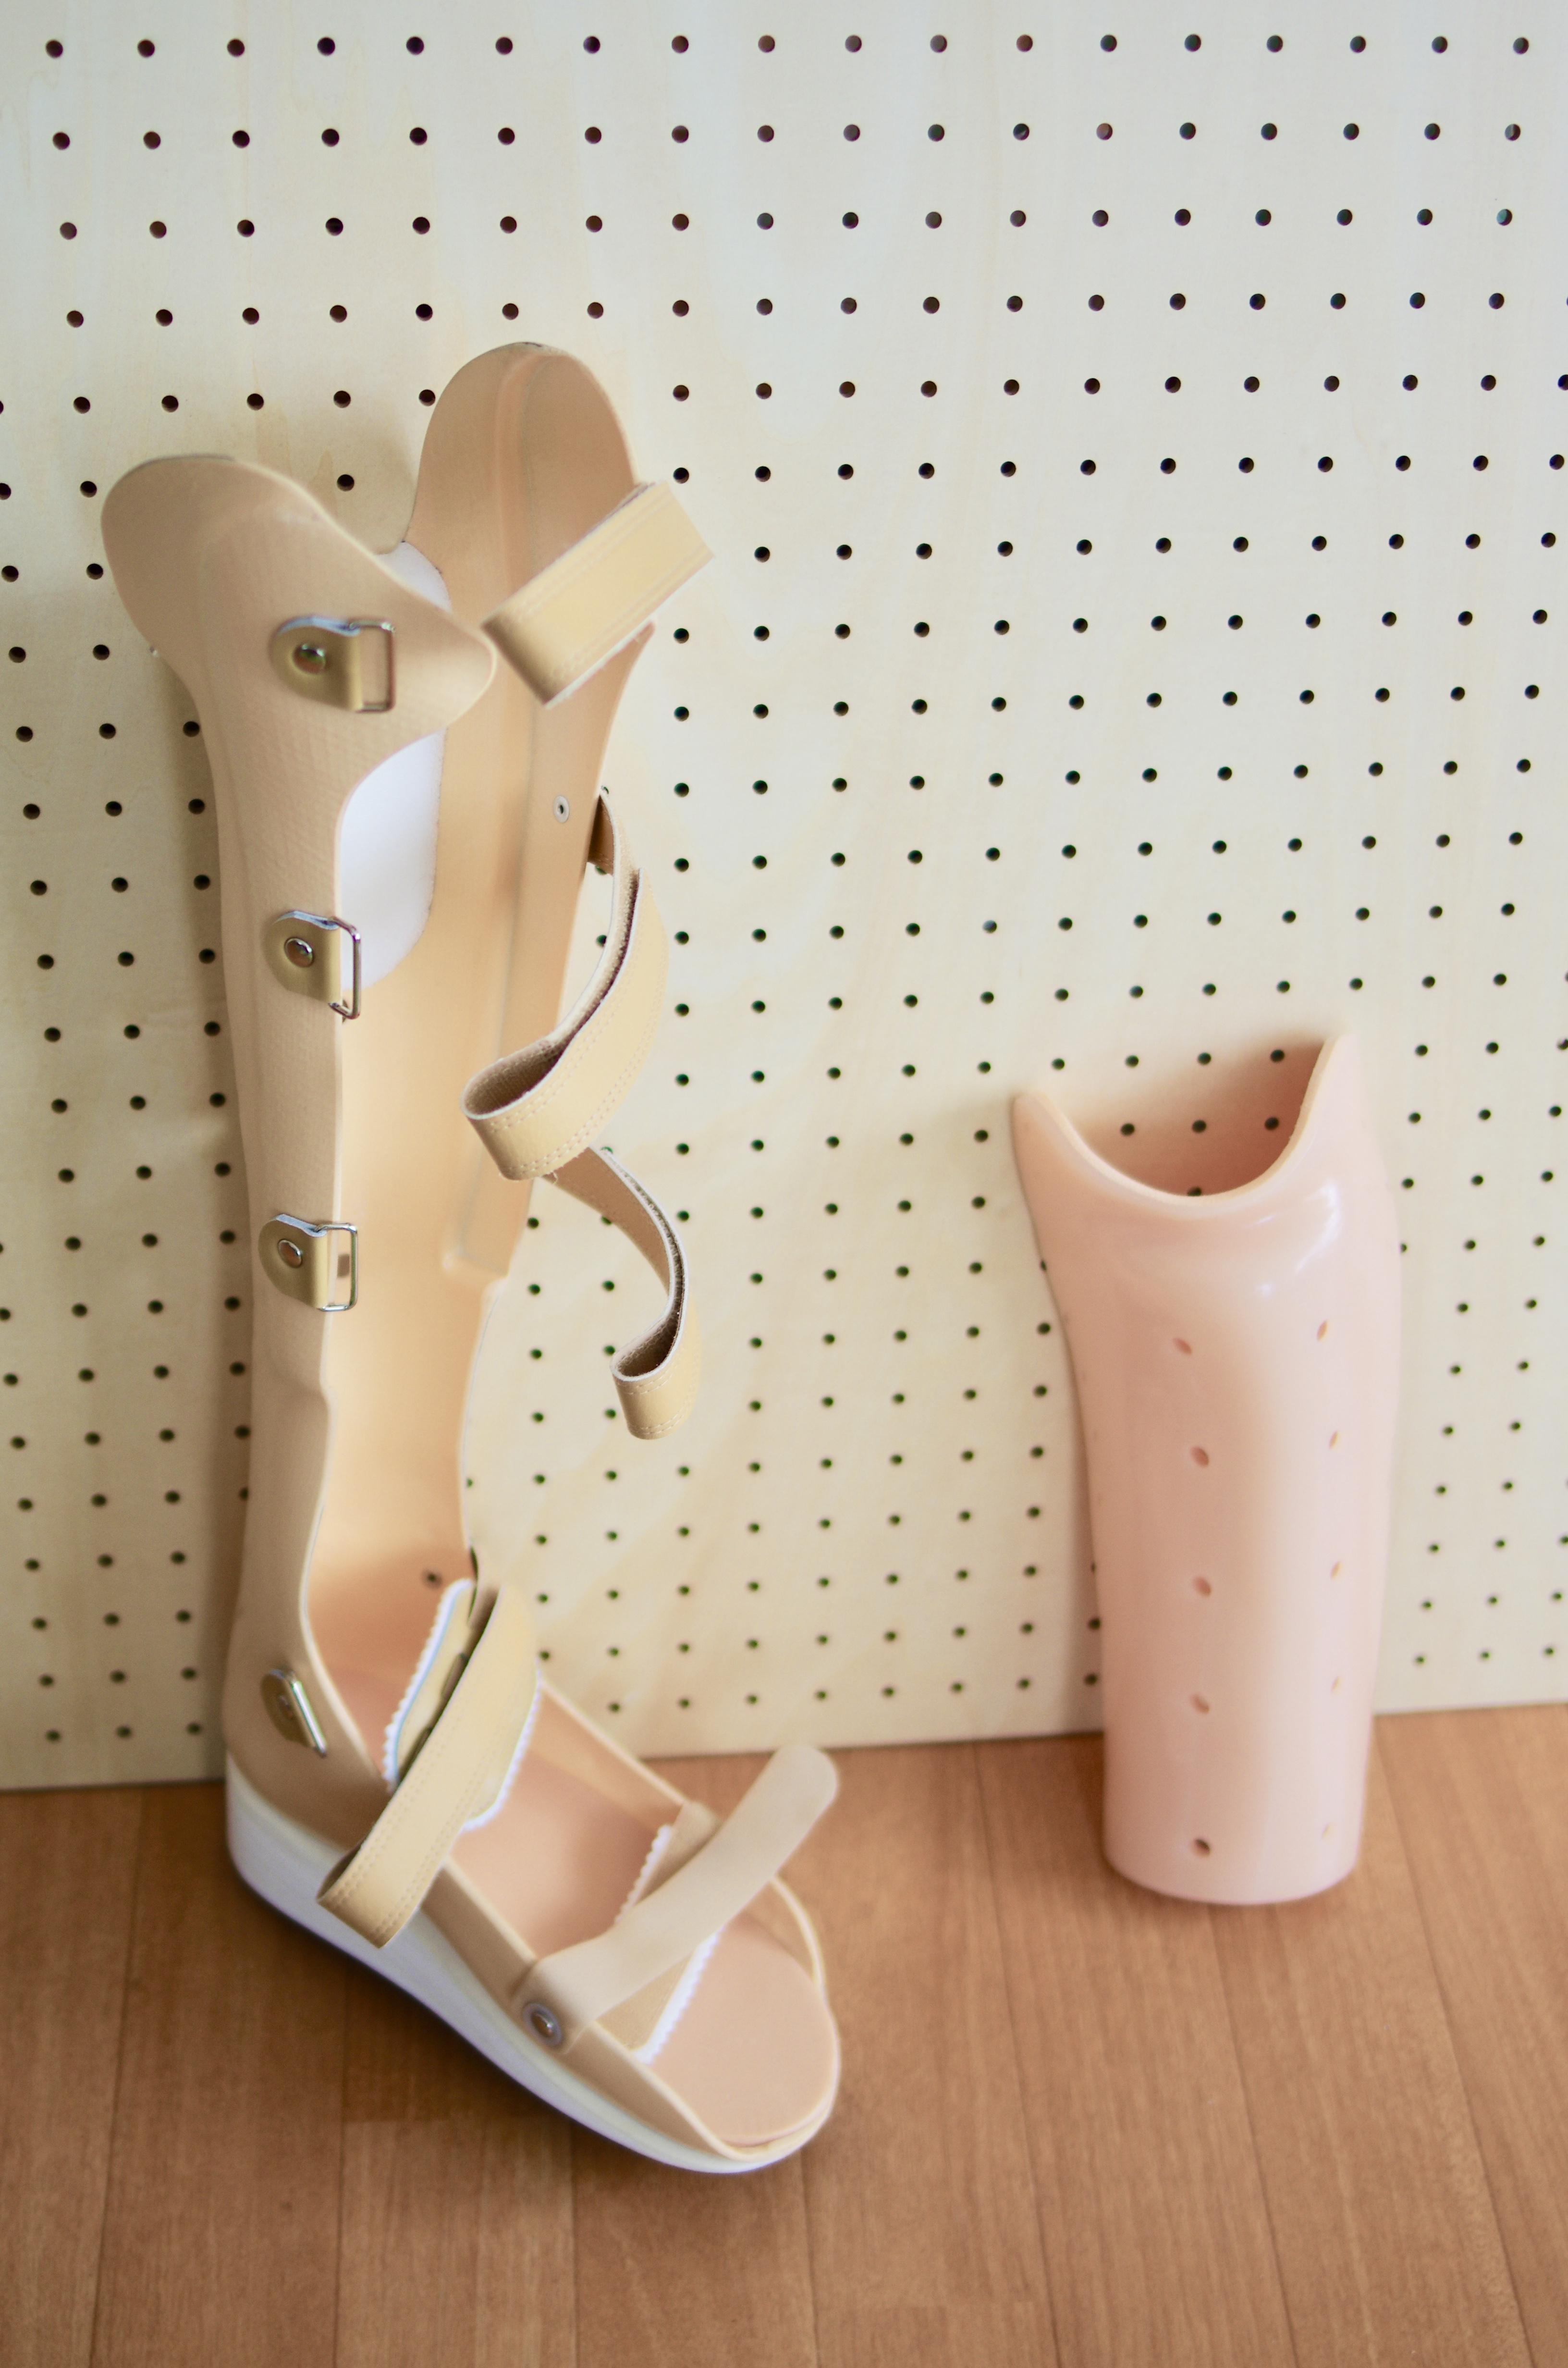 骨折体験談【PTB装具と松葉杖の使い方】室内と外出のときの使い分け